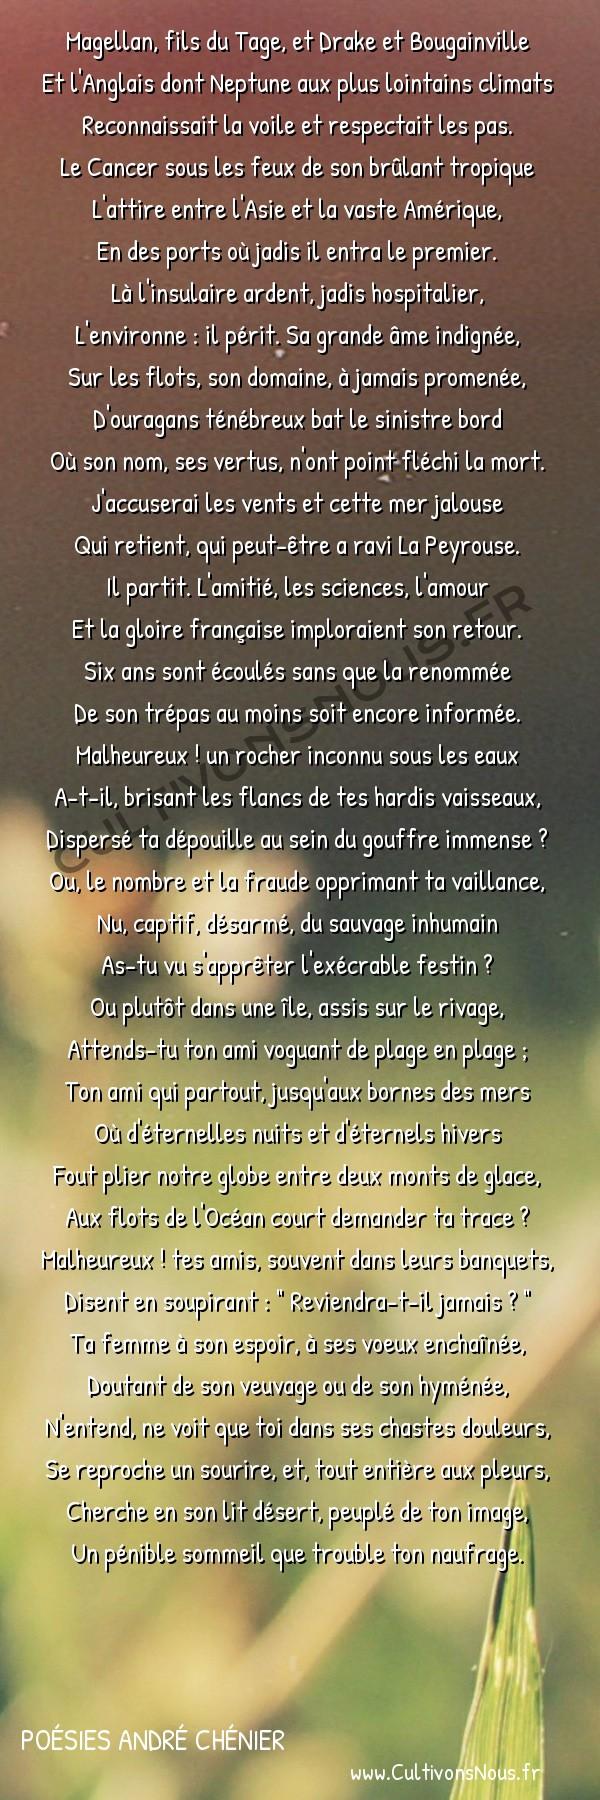 Poésies André Chénier - Poèmes divers - L'Amérique -  Magellan, fils du Tage, et Drake et Bougainville Et l'Anglais dont Neptune aux plus lointains climats